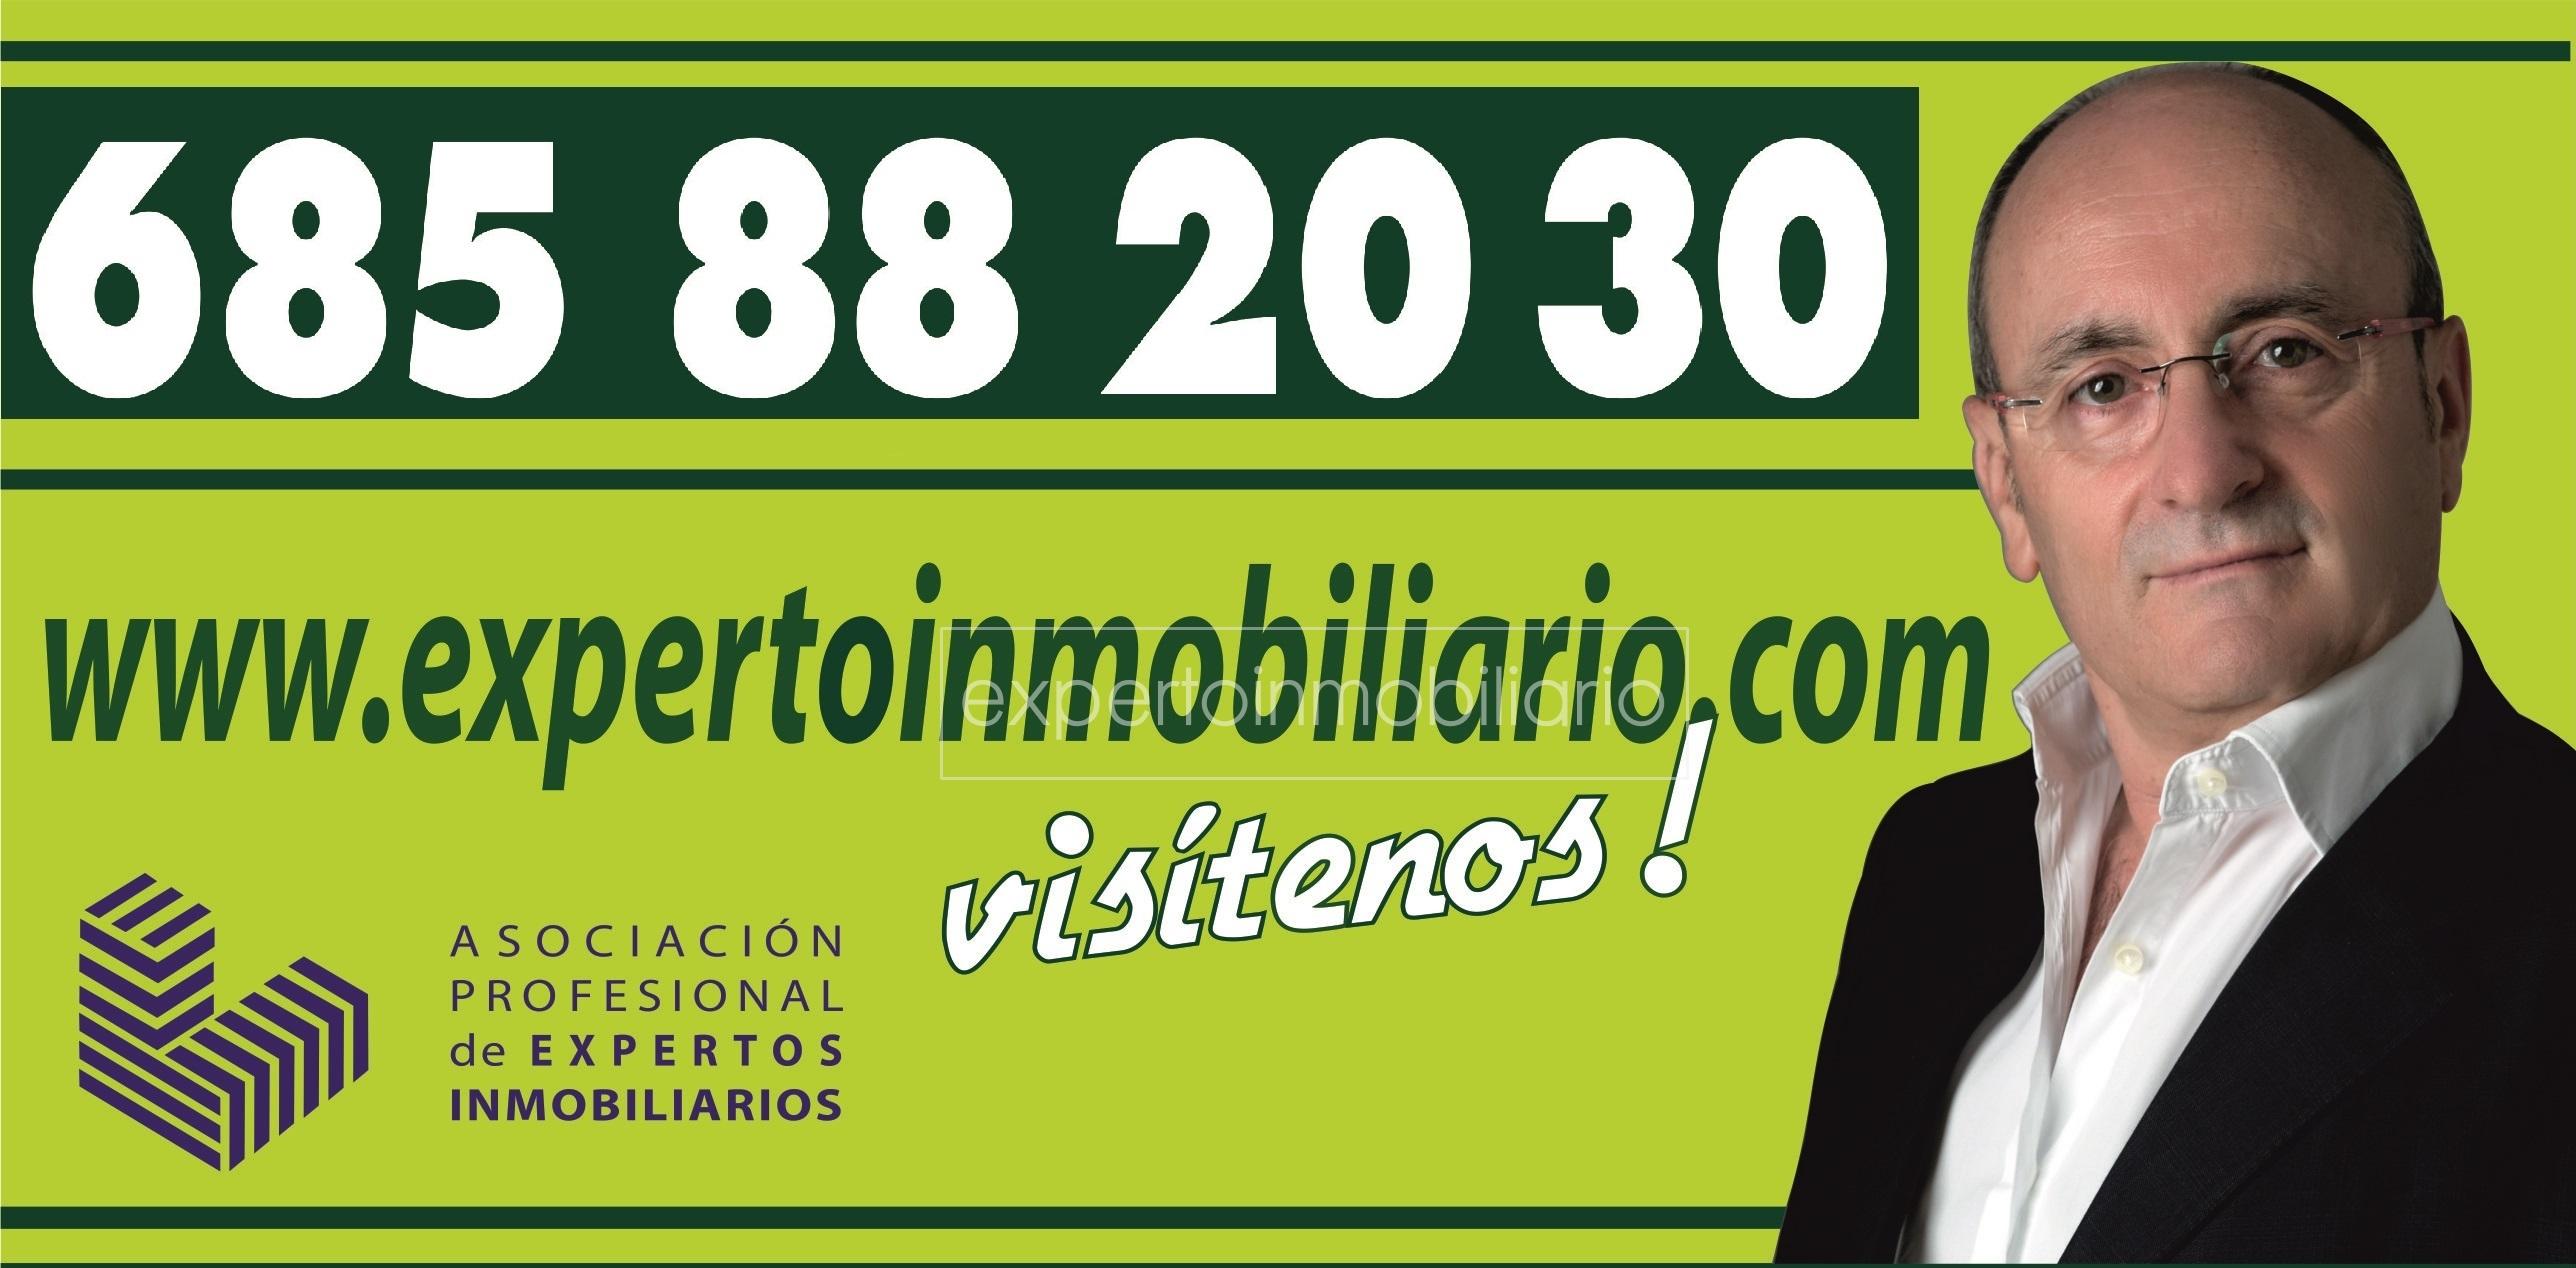 EXPERTOINMOBILIARIO cartel